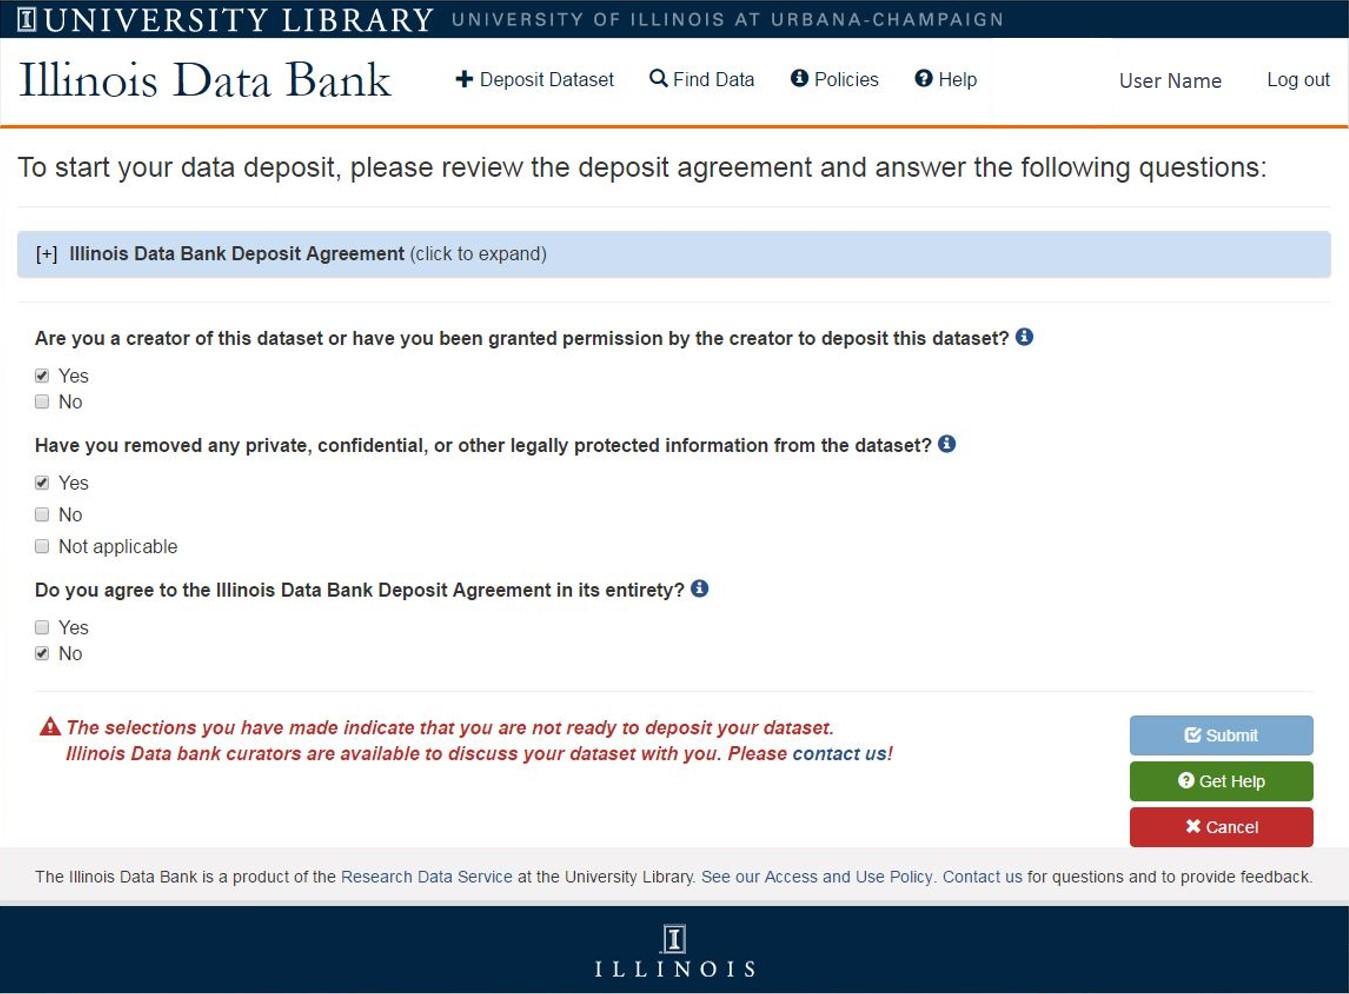 screenshot of deposit upload form